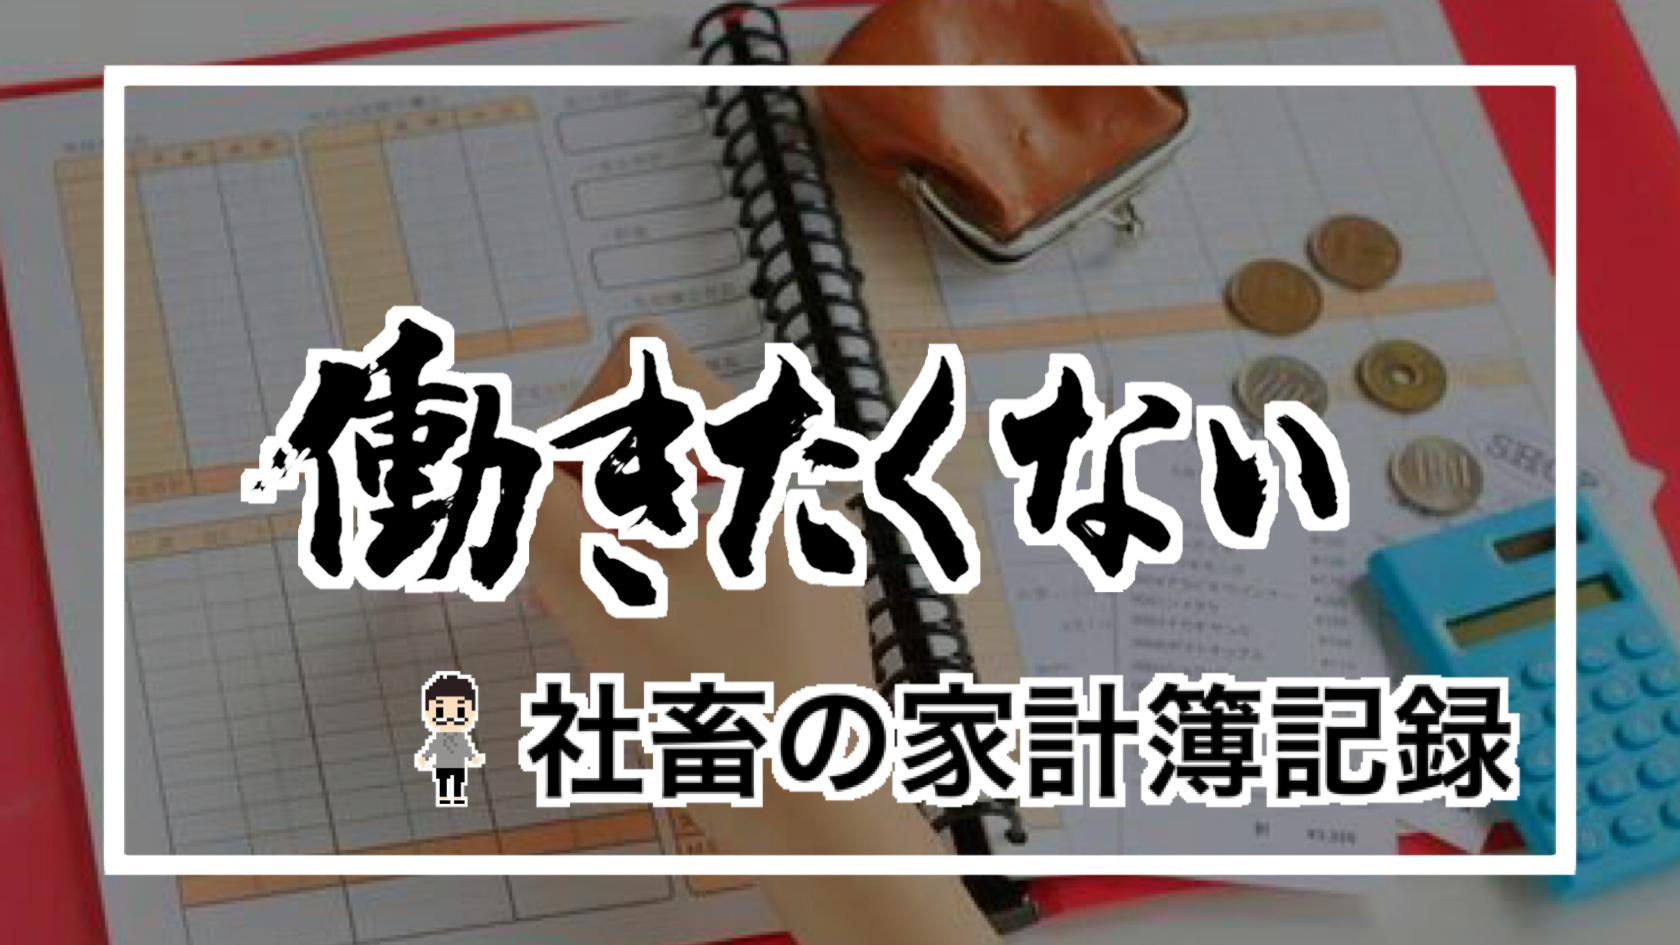 f:id:Hakurei:20210328101846p:plain